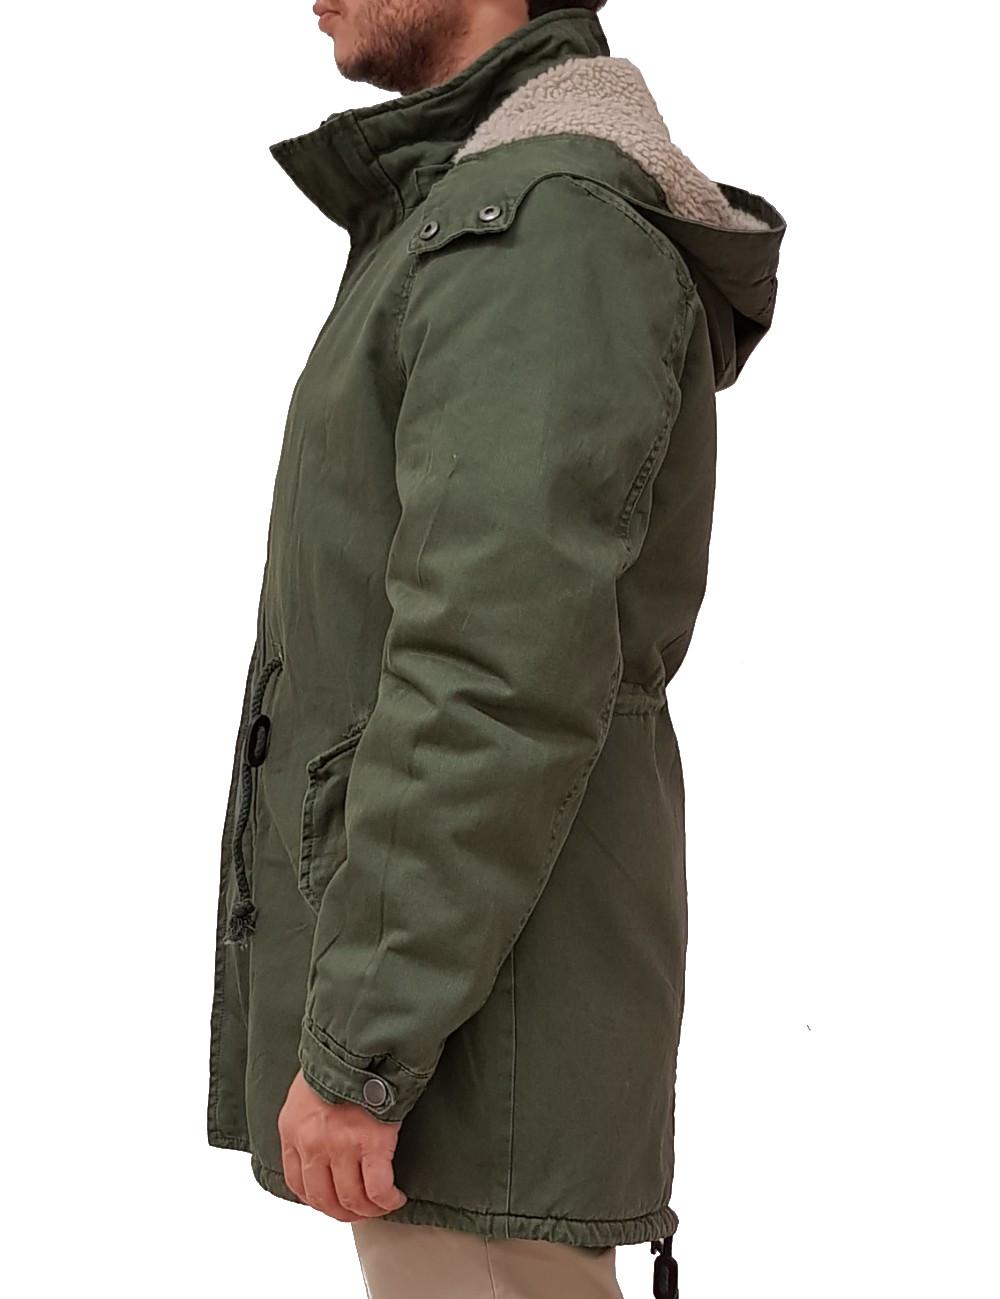 new style 0a03b 24b93 Bifulco Abbigliamento : Abbigliamento Uomo Donna Online ...